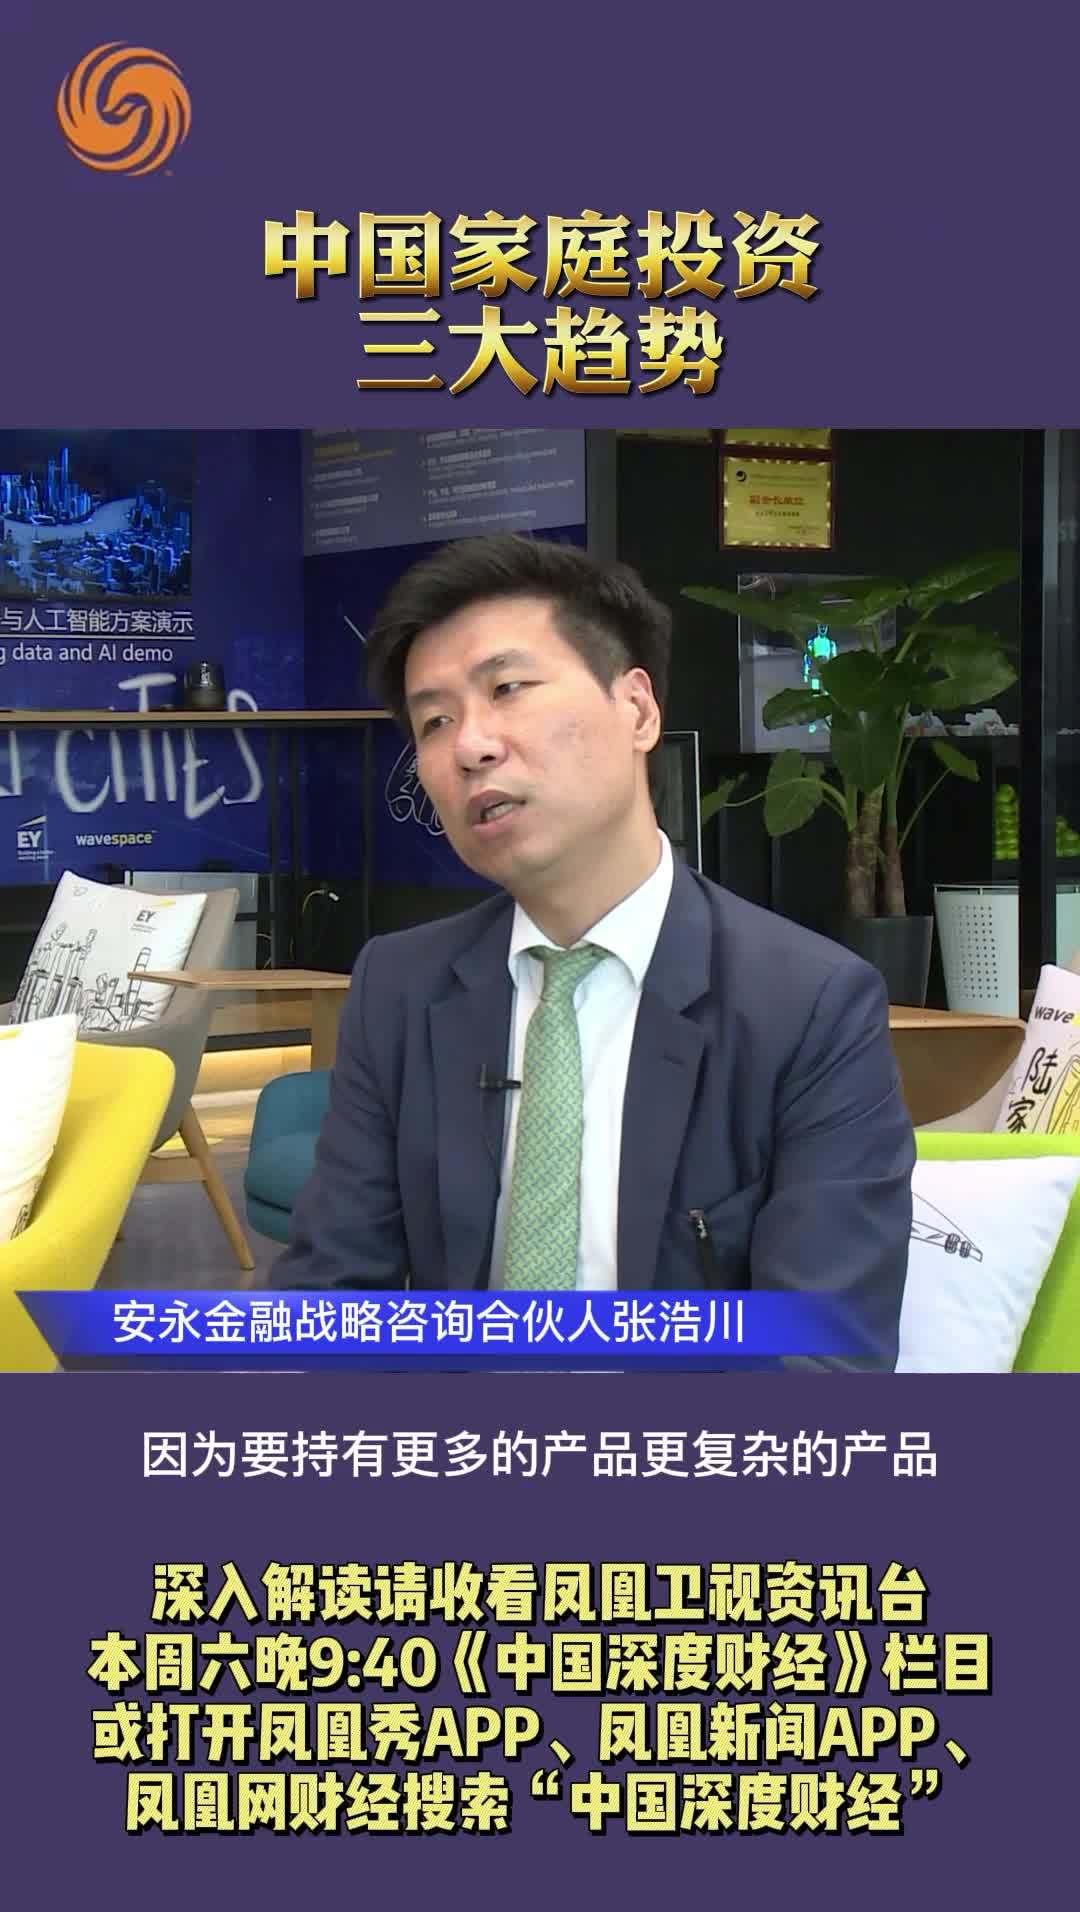 安永金融战略咨询合伙人张浩川:中国家庭投资三大趋势